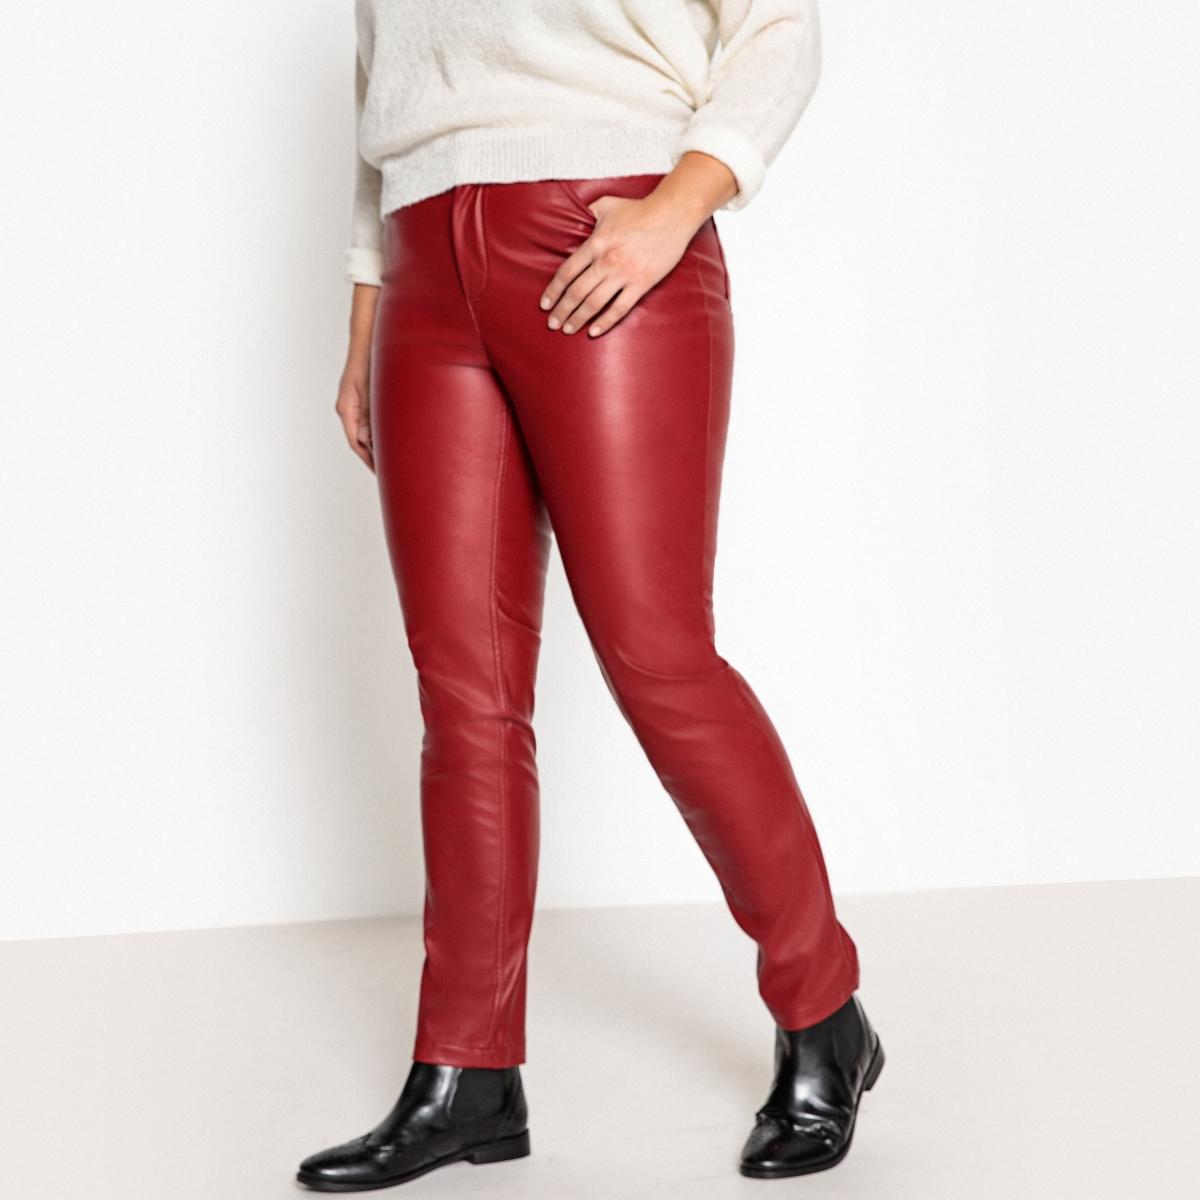 Pantaloni 5 tasche slim in similpelle